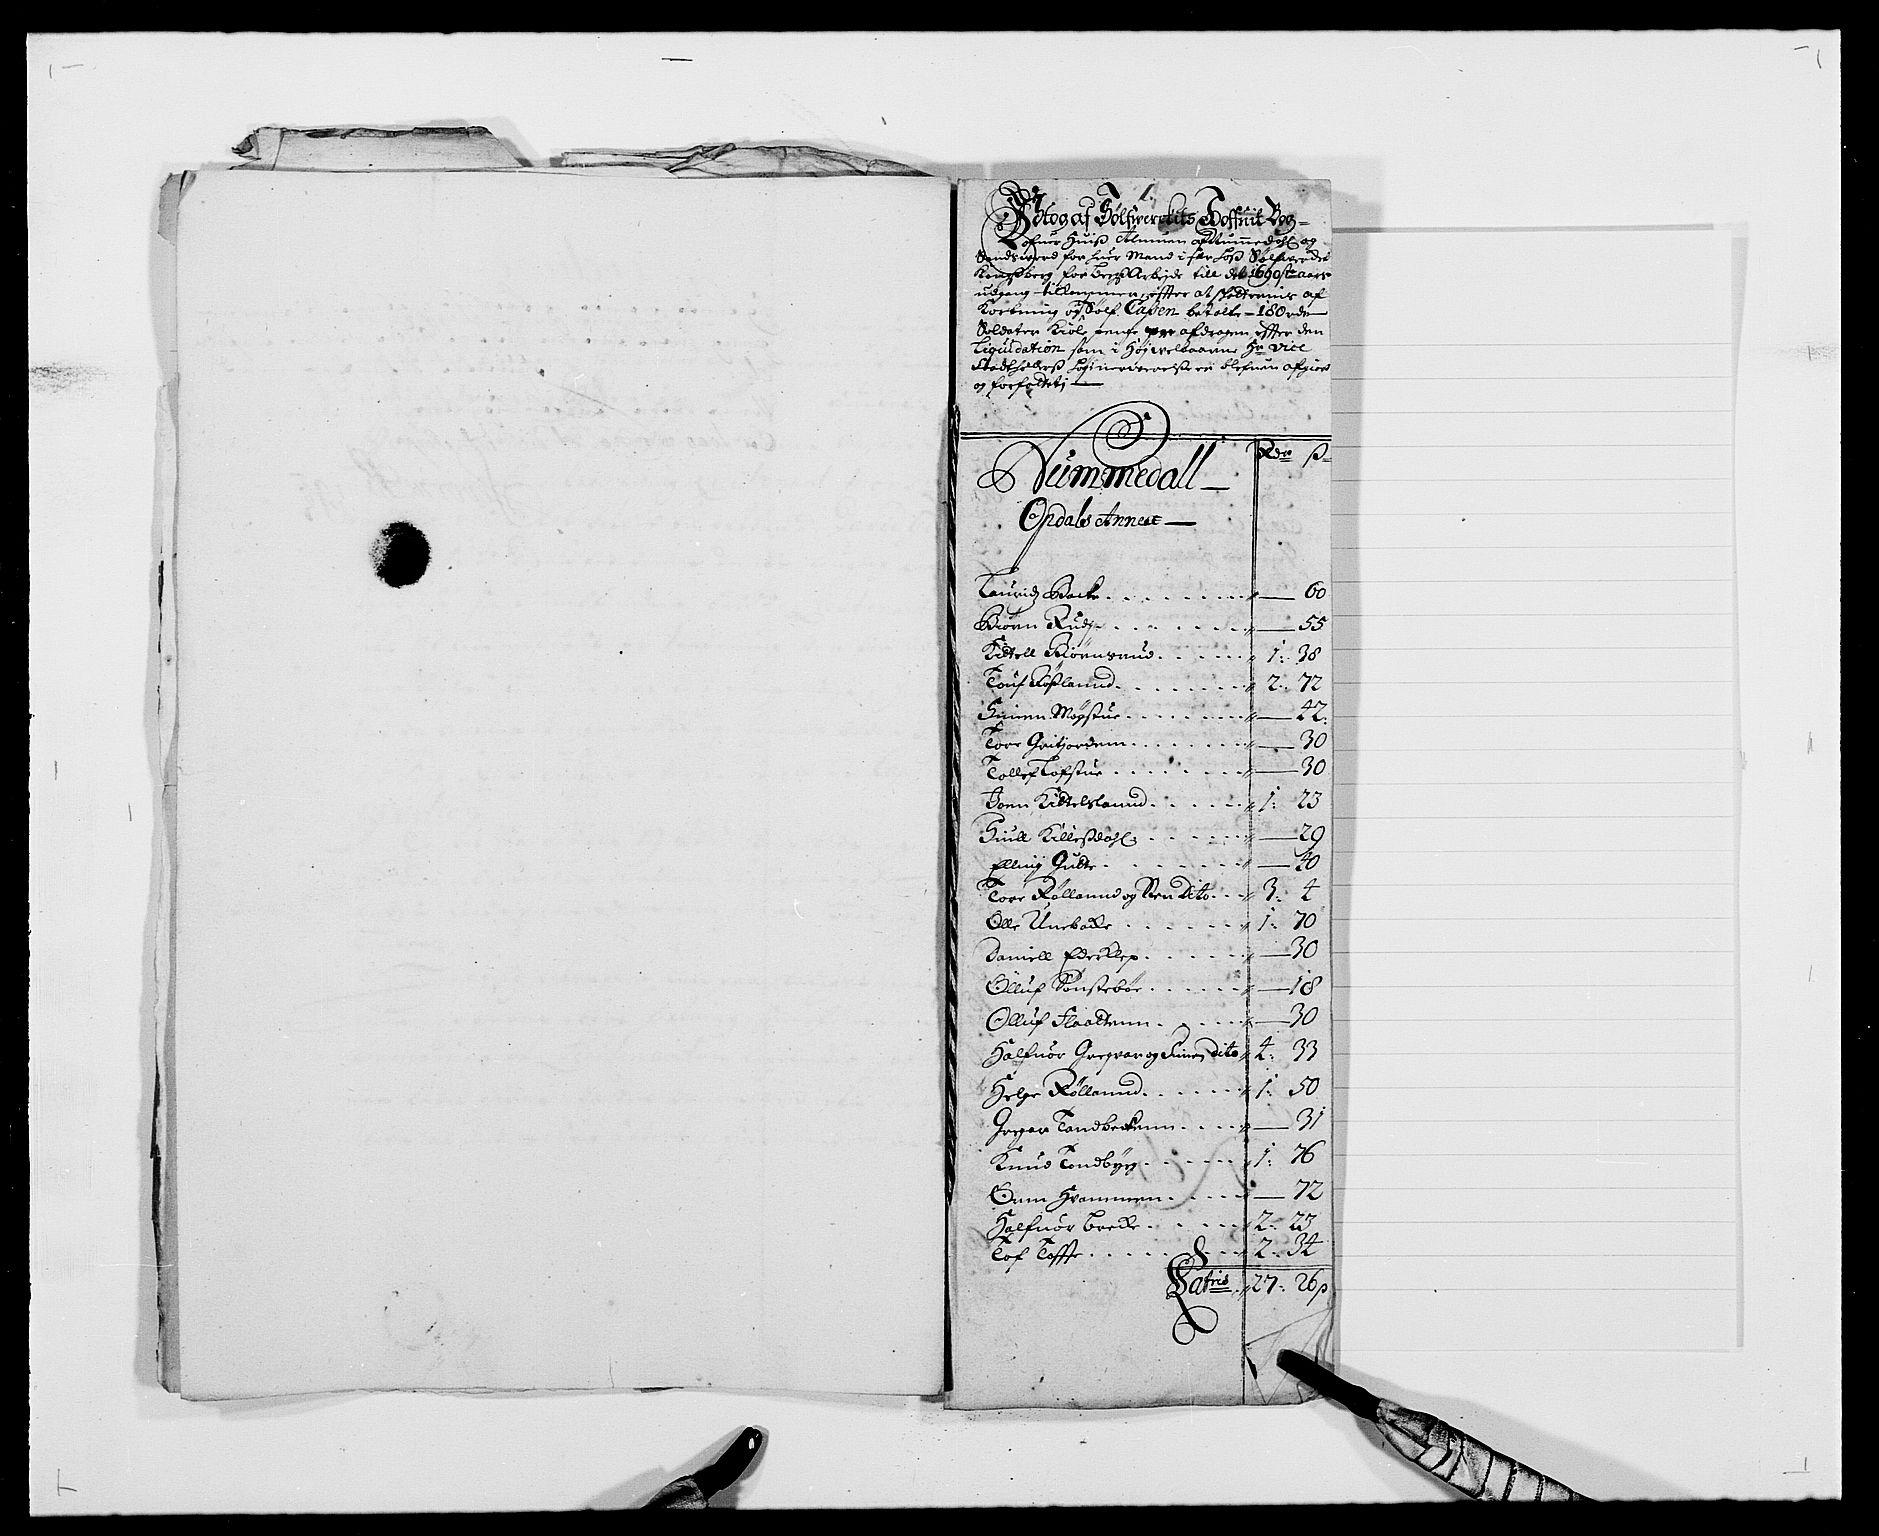 RA, Rentekammeret inntil 1814, Reviderte regnskaper, Fogderegnskap, R24/L1574: Fogderegnskap Numedal og Sandsvær, 1688-1691, s. 260